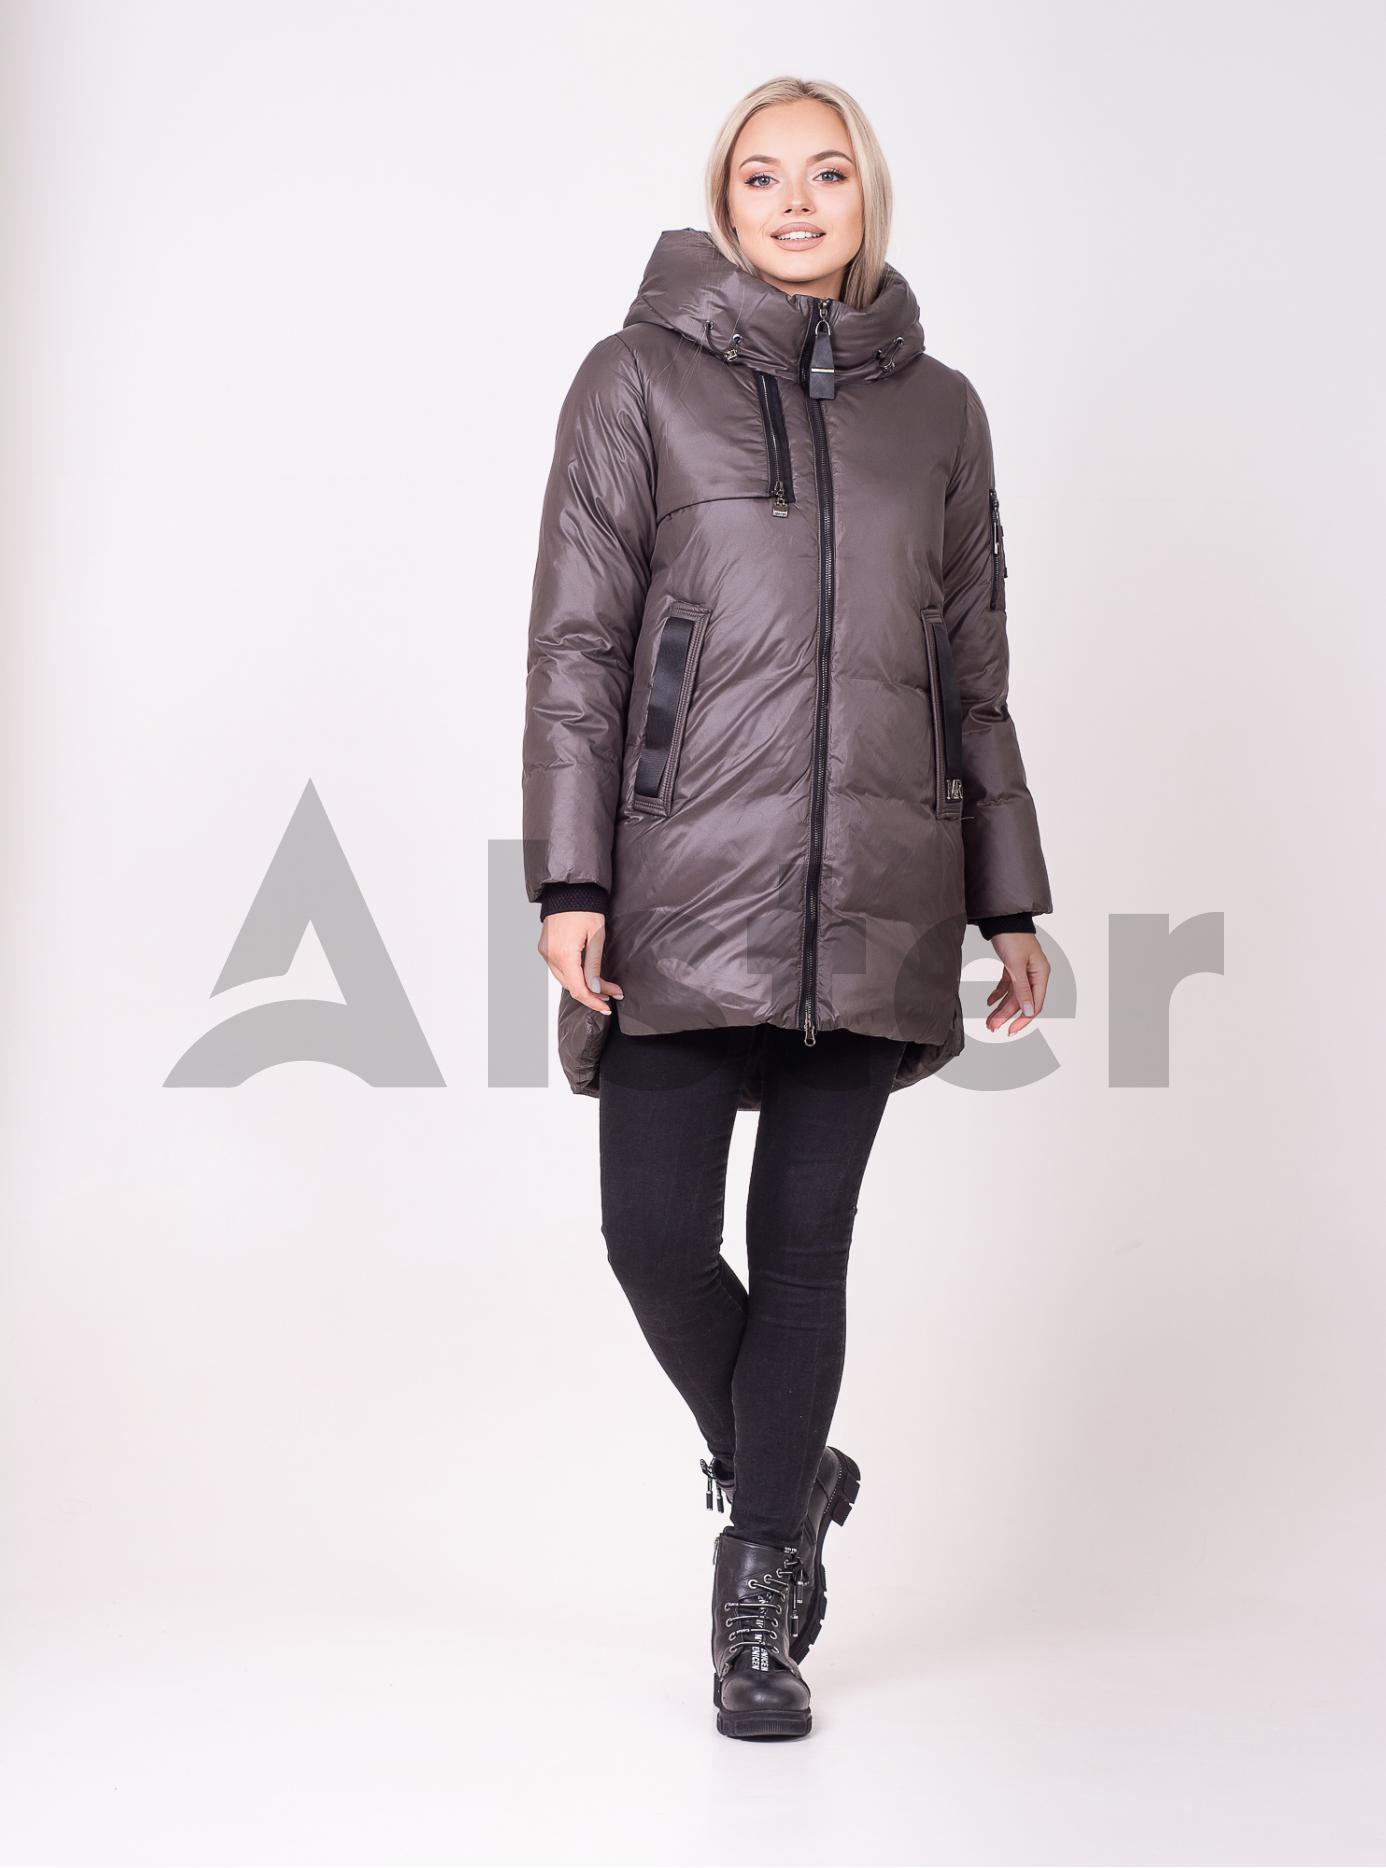 Жіноча зимова куртка Графітовий 2XL (01-210118): фото - Alster.ua